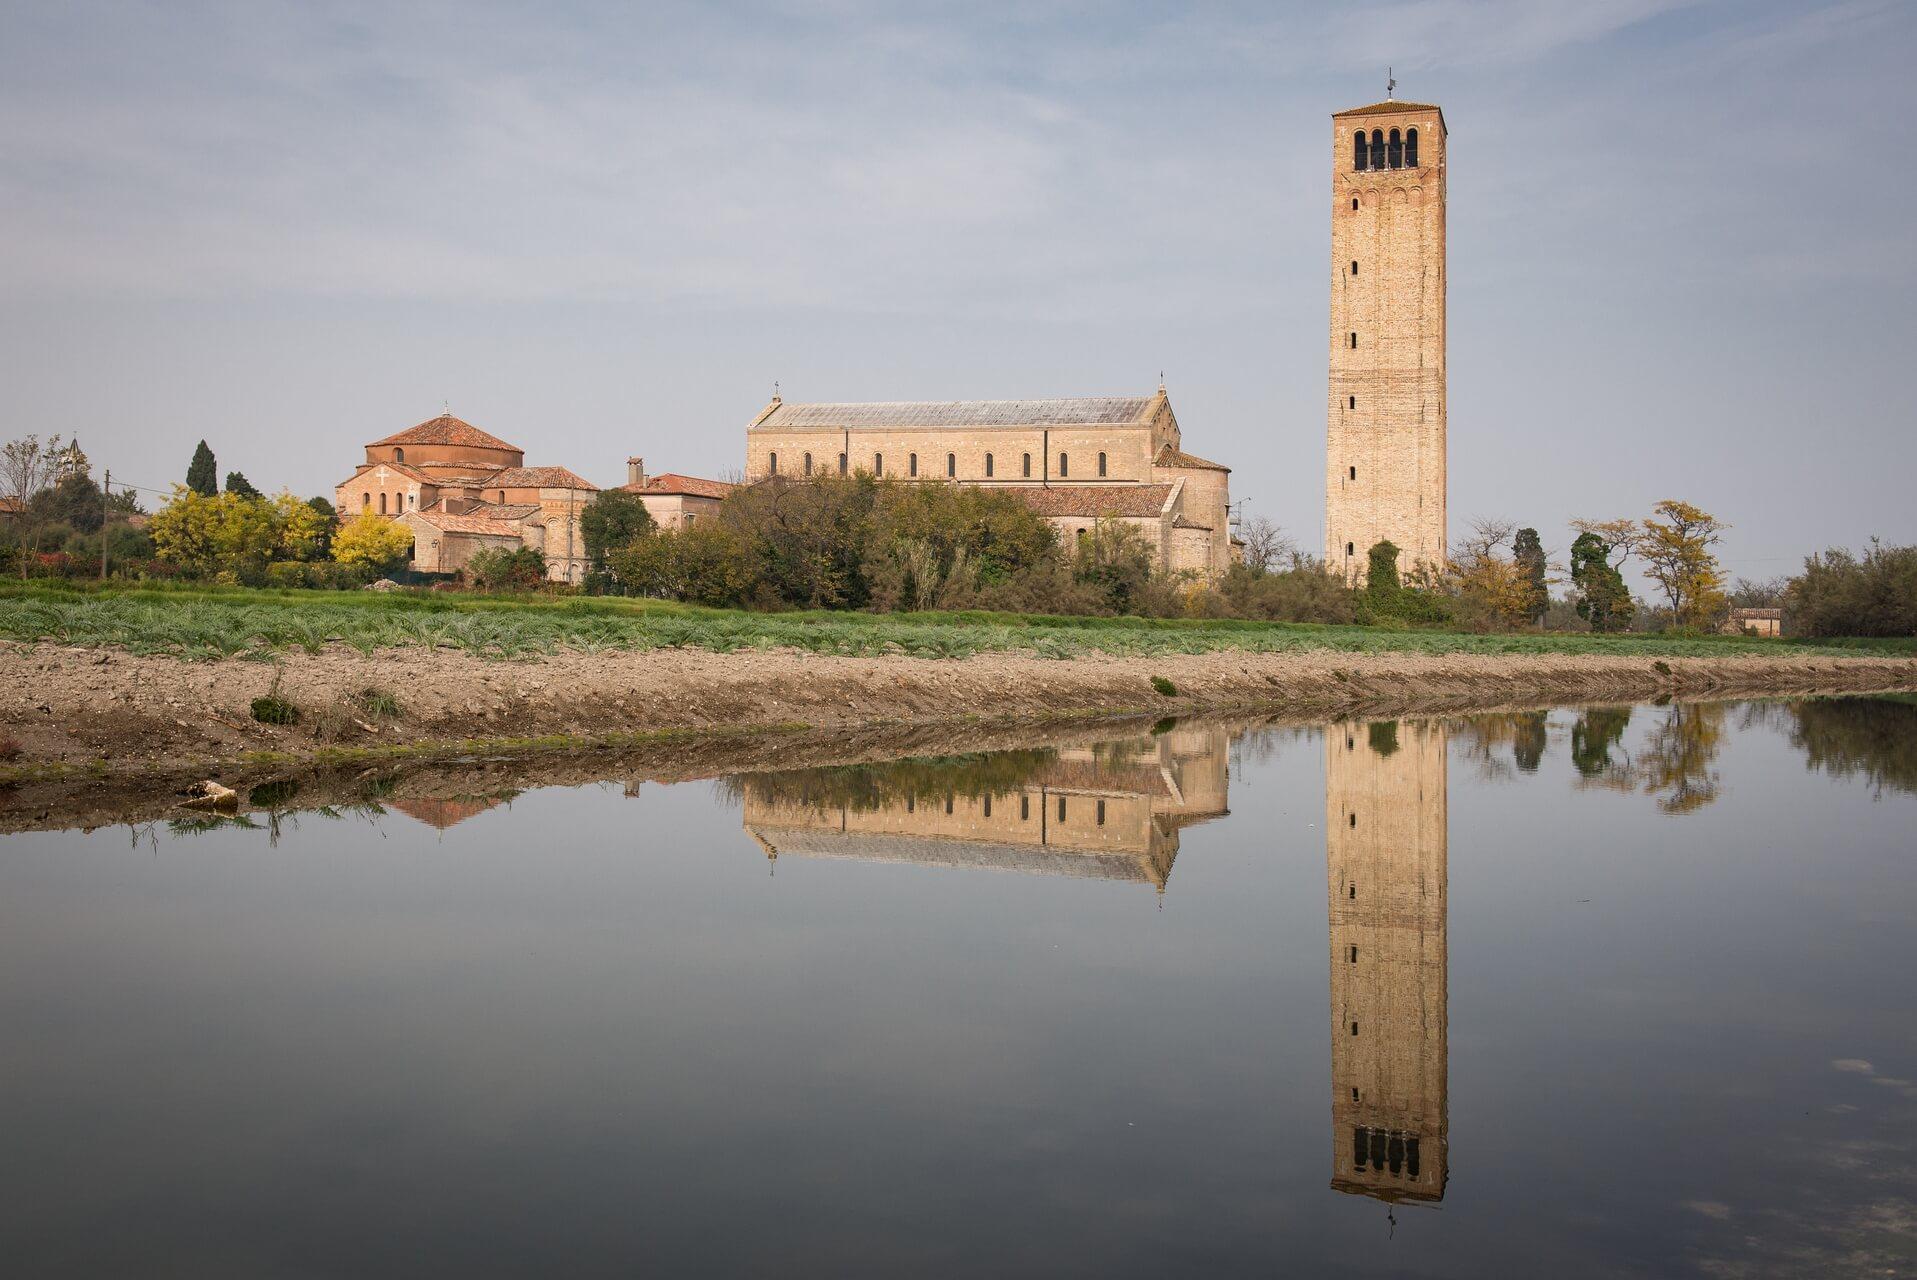 Italien: Laguna di Venezia - Torcello, Fotograf: Steffen Lohse